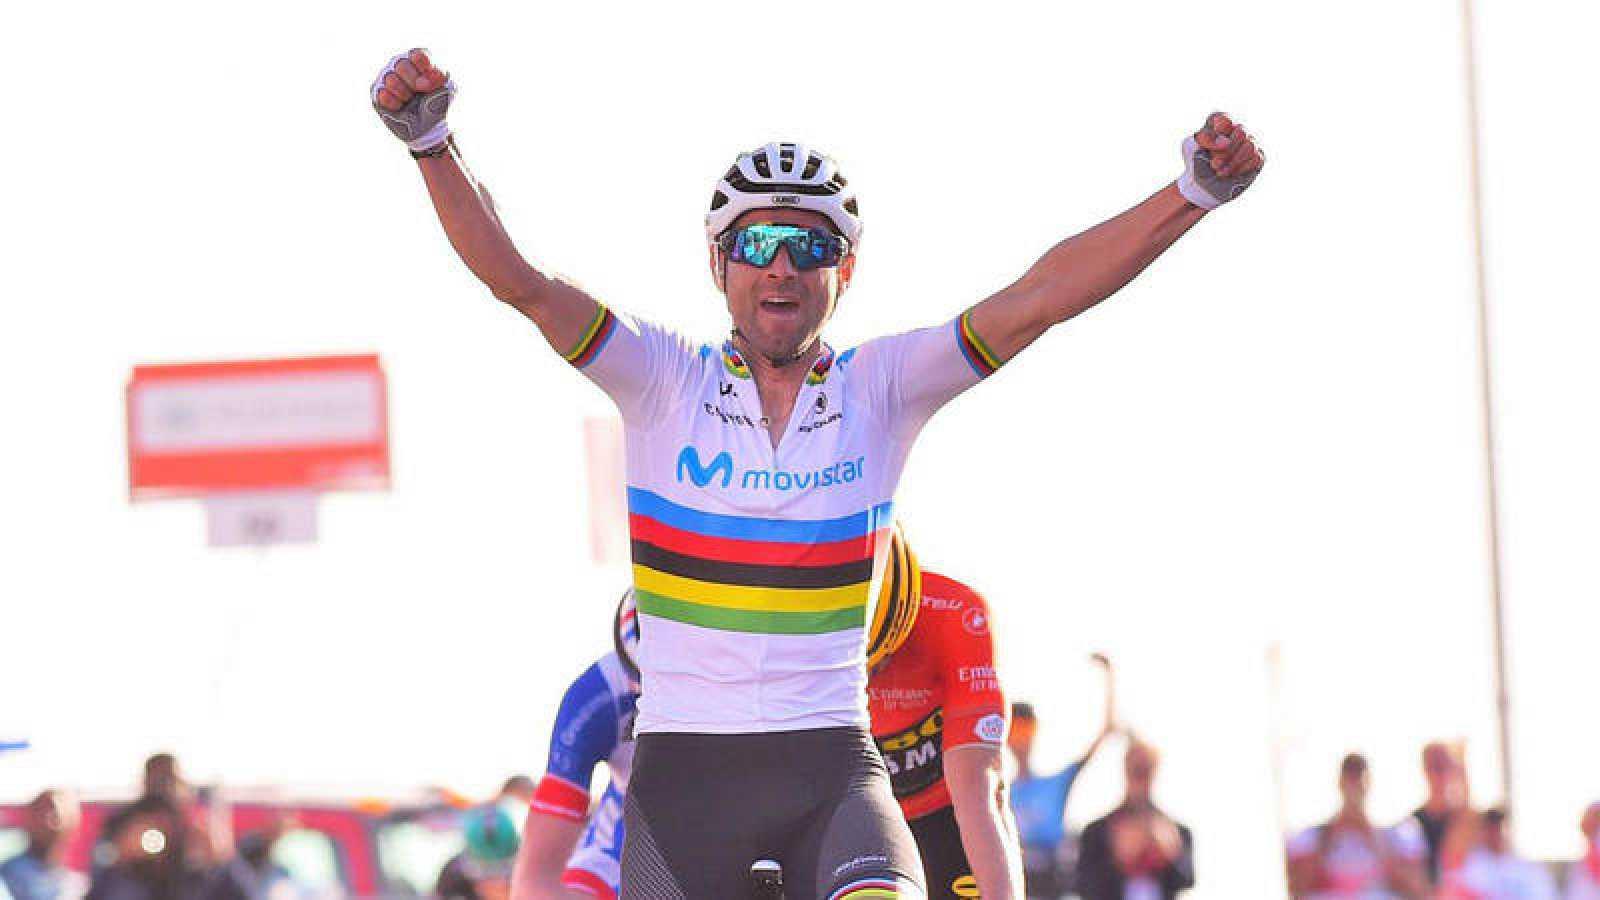 ¿Cómo puede Valverde con 40 años seguir siendo uno de los mejores ciclistas del mundo?